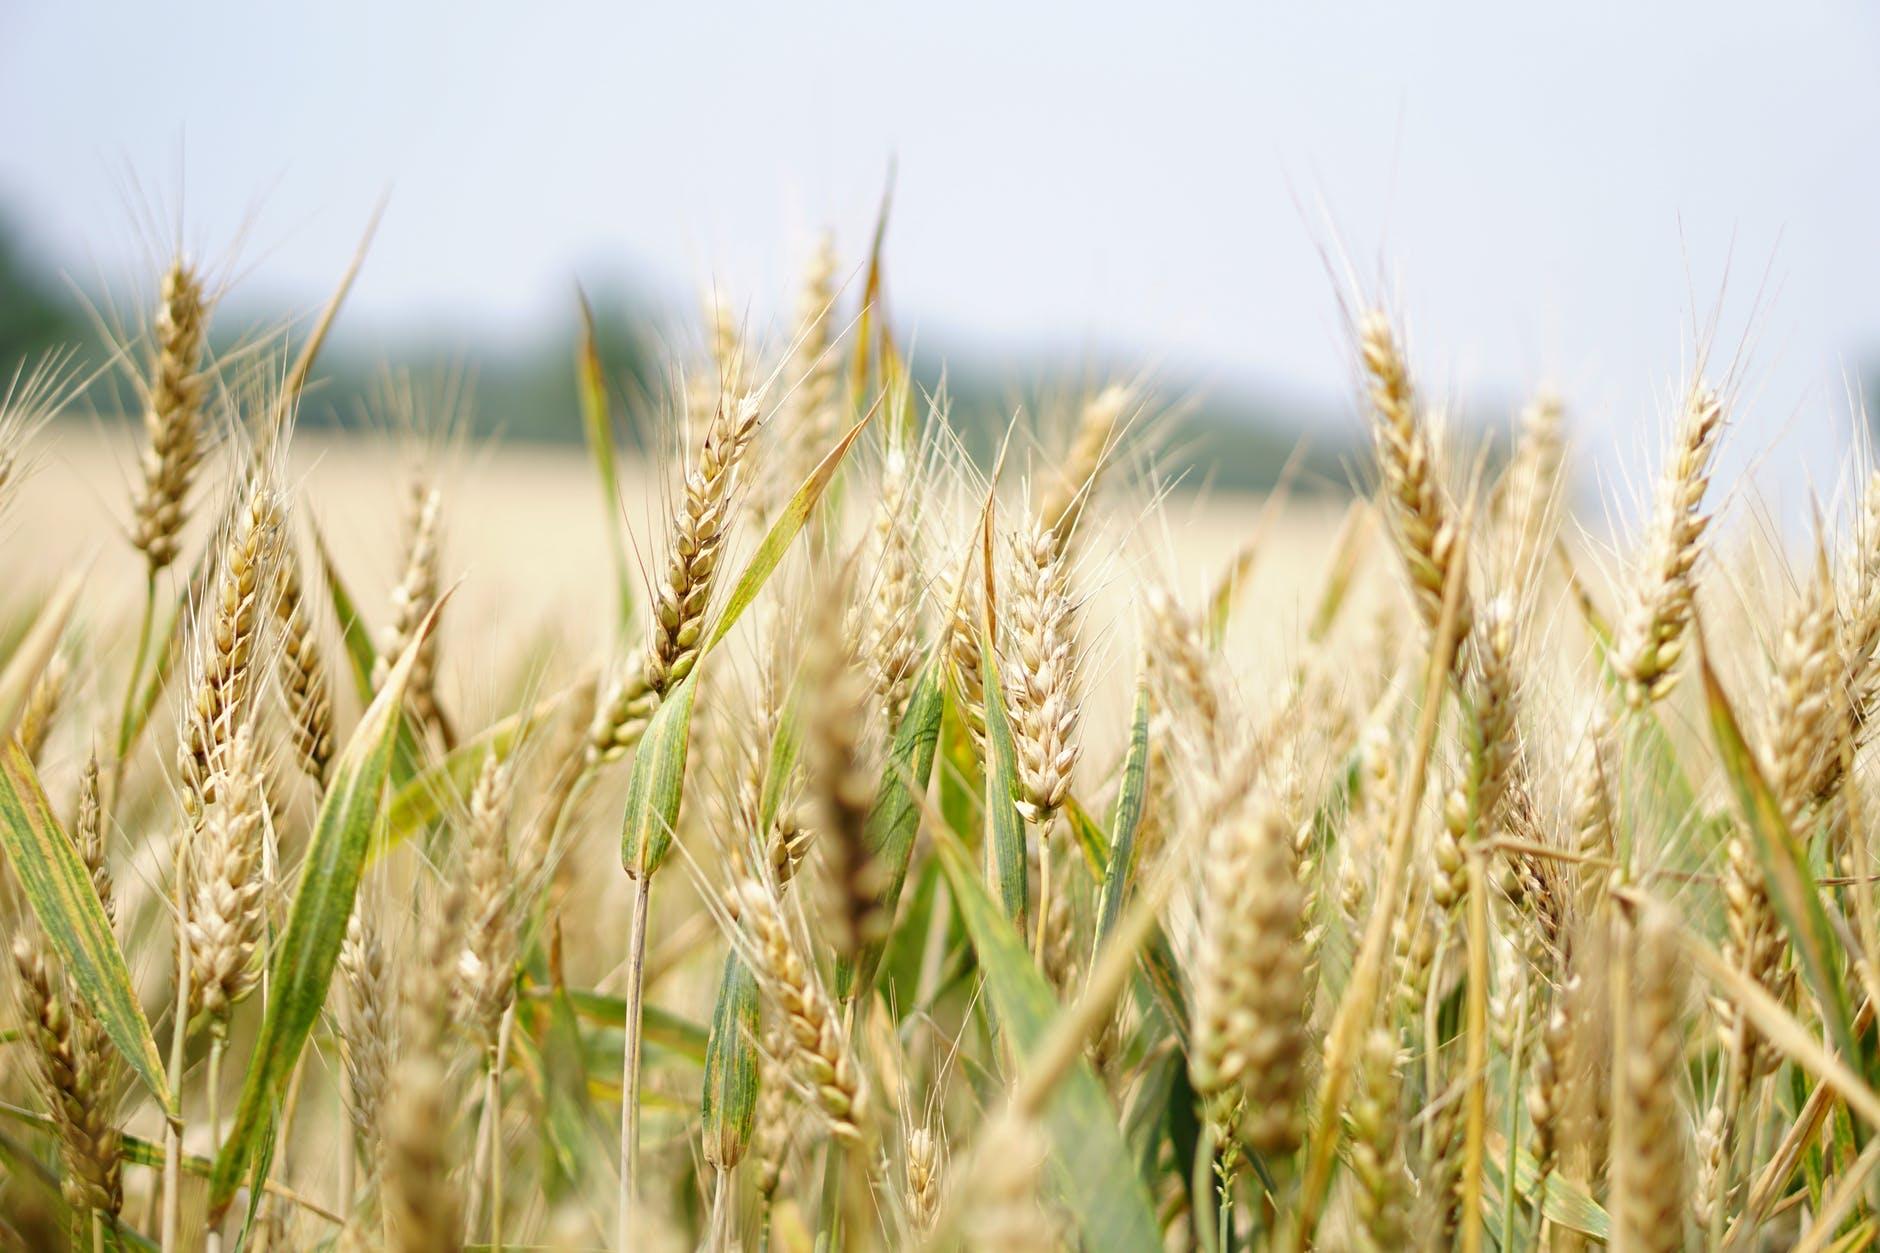 A field of grain crops.